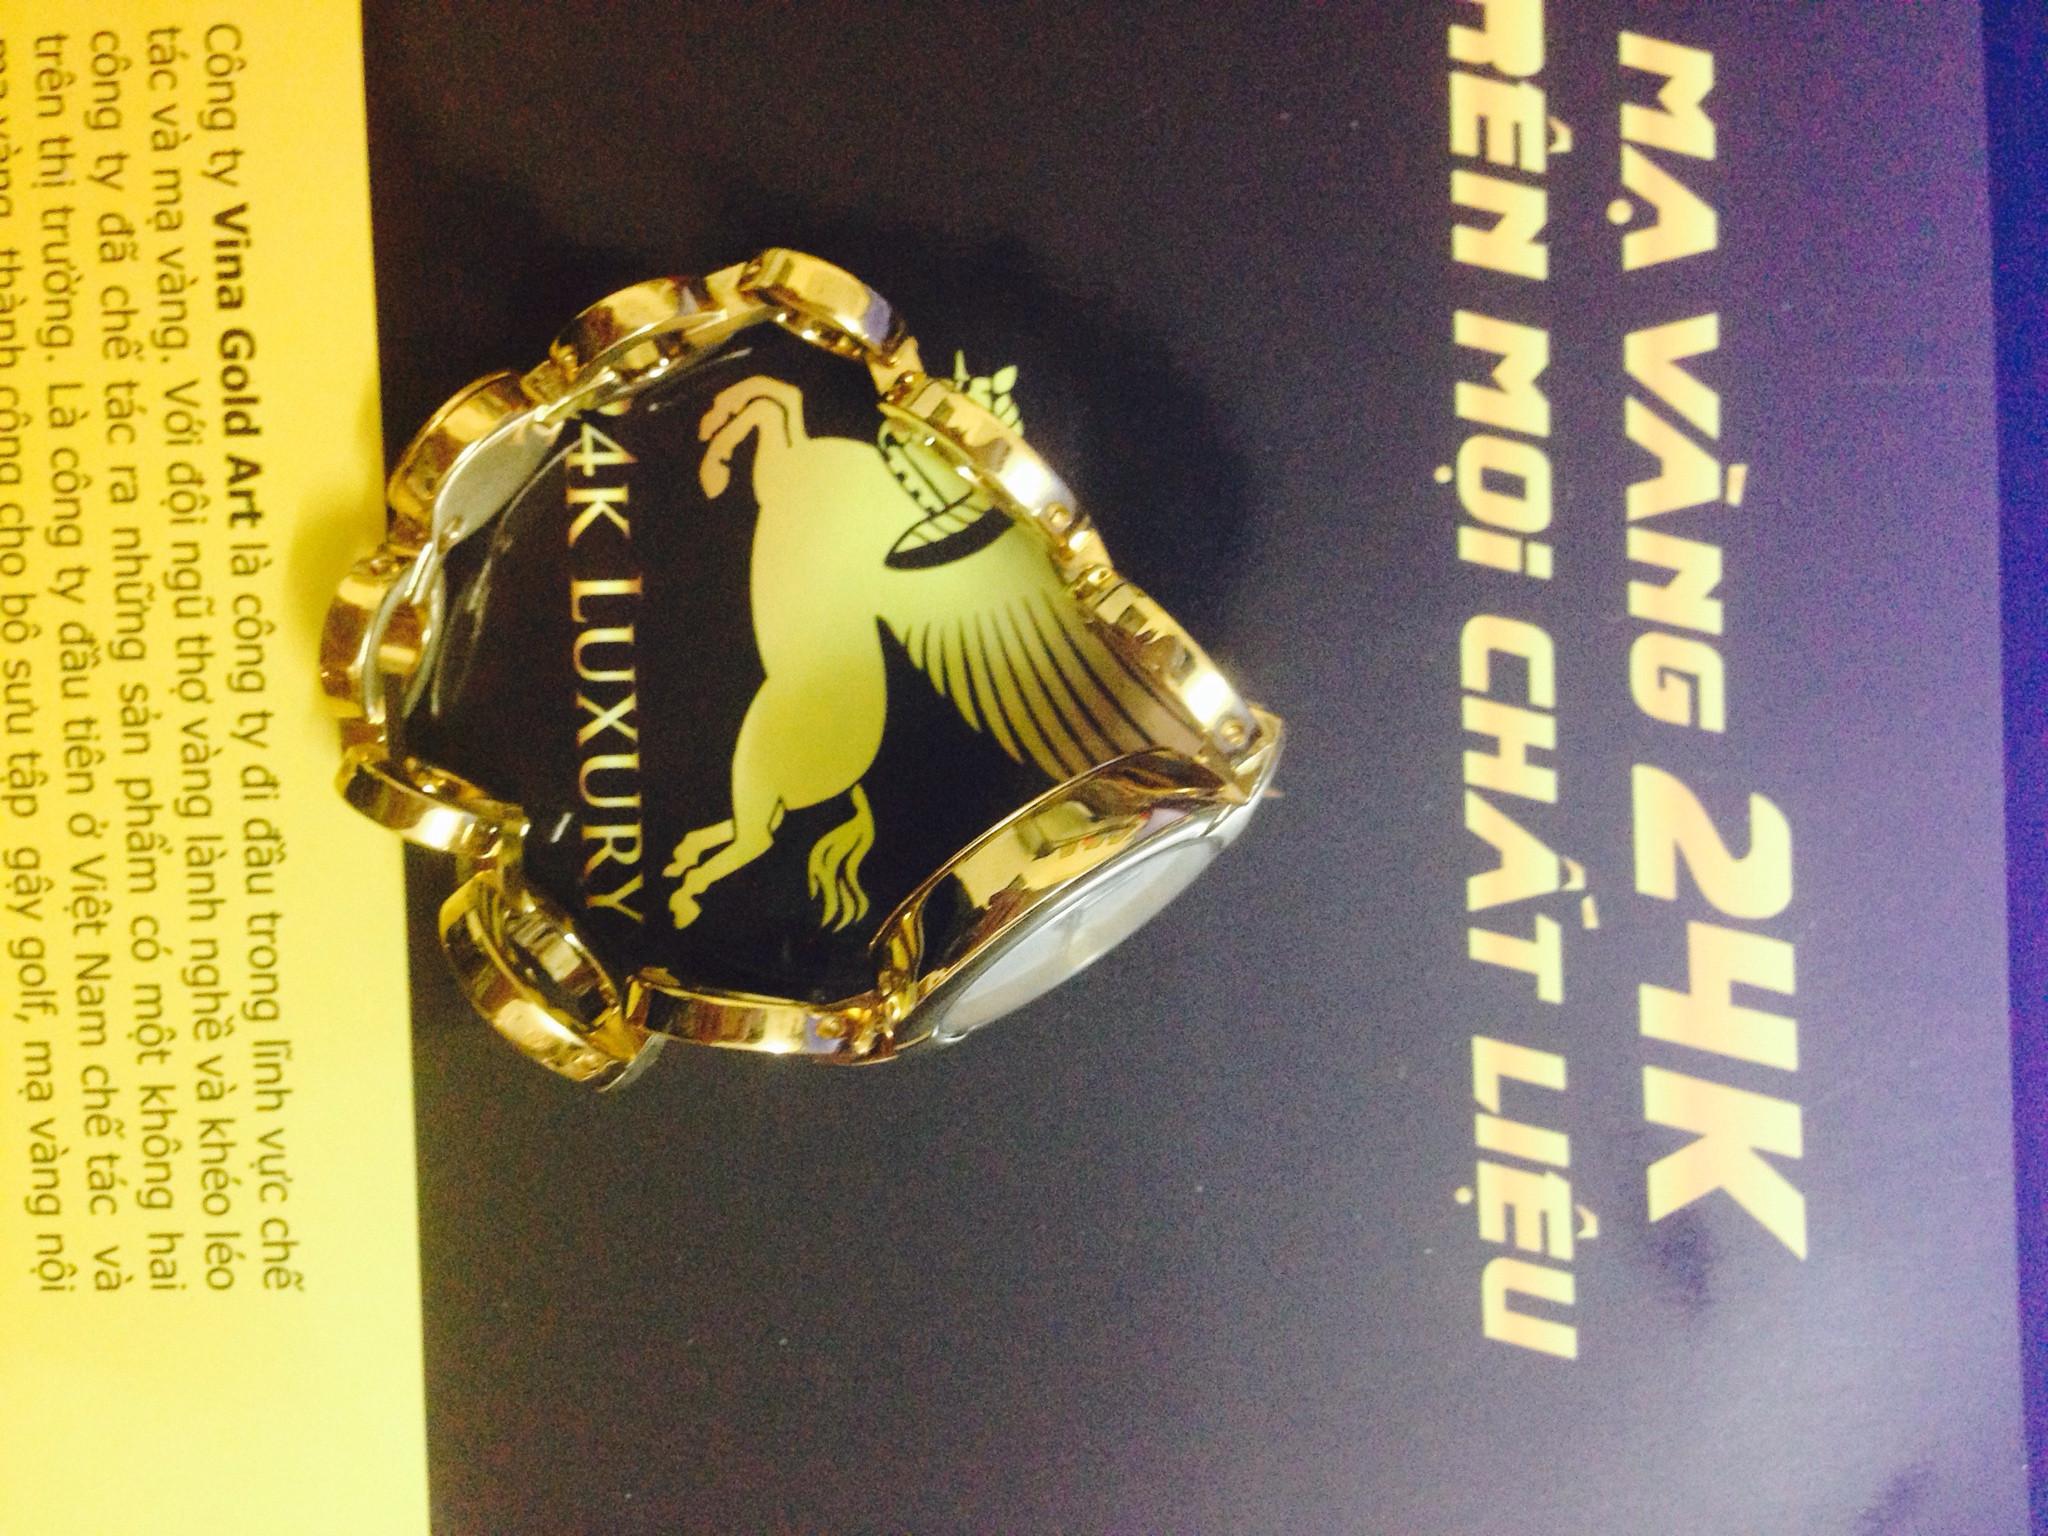 Đồng hồ nữ mạ vàng sẽ thể hiện bạn là một người lịch thiệp, chỉnh chu, cá tính và rất đáng tin cậy